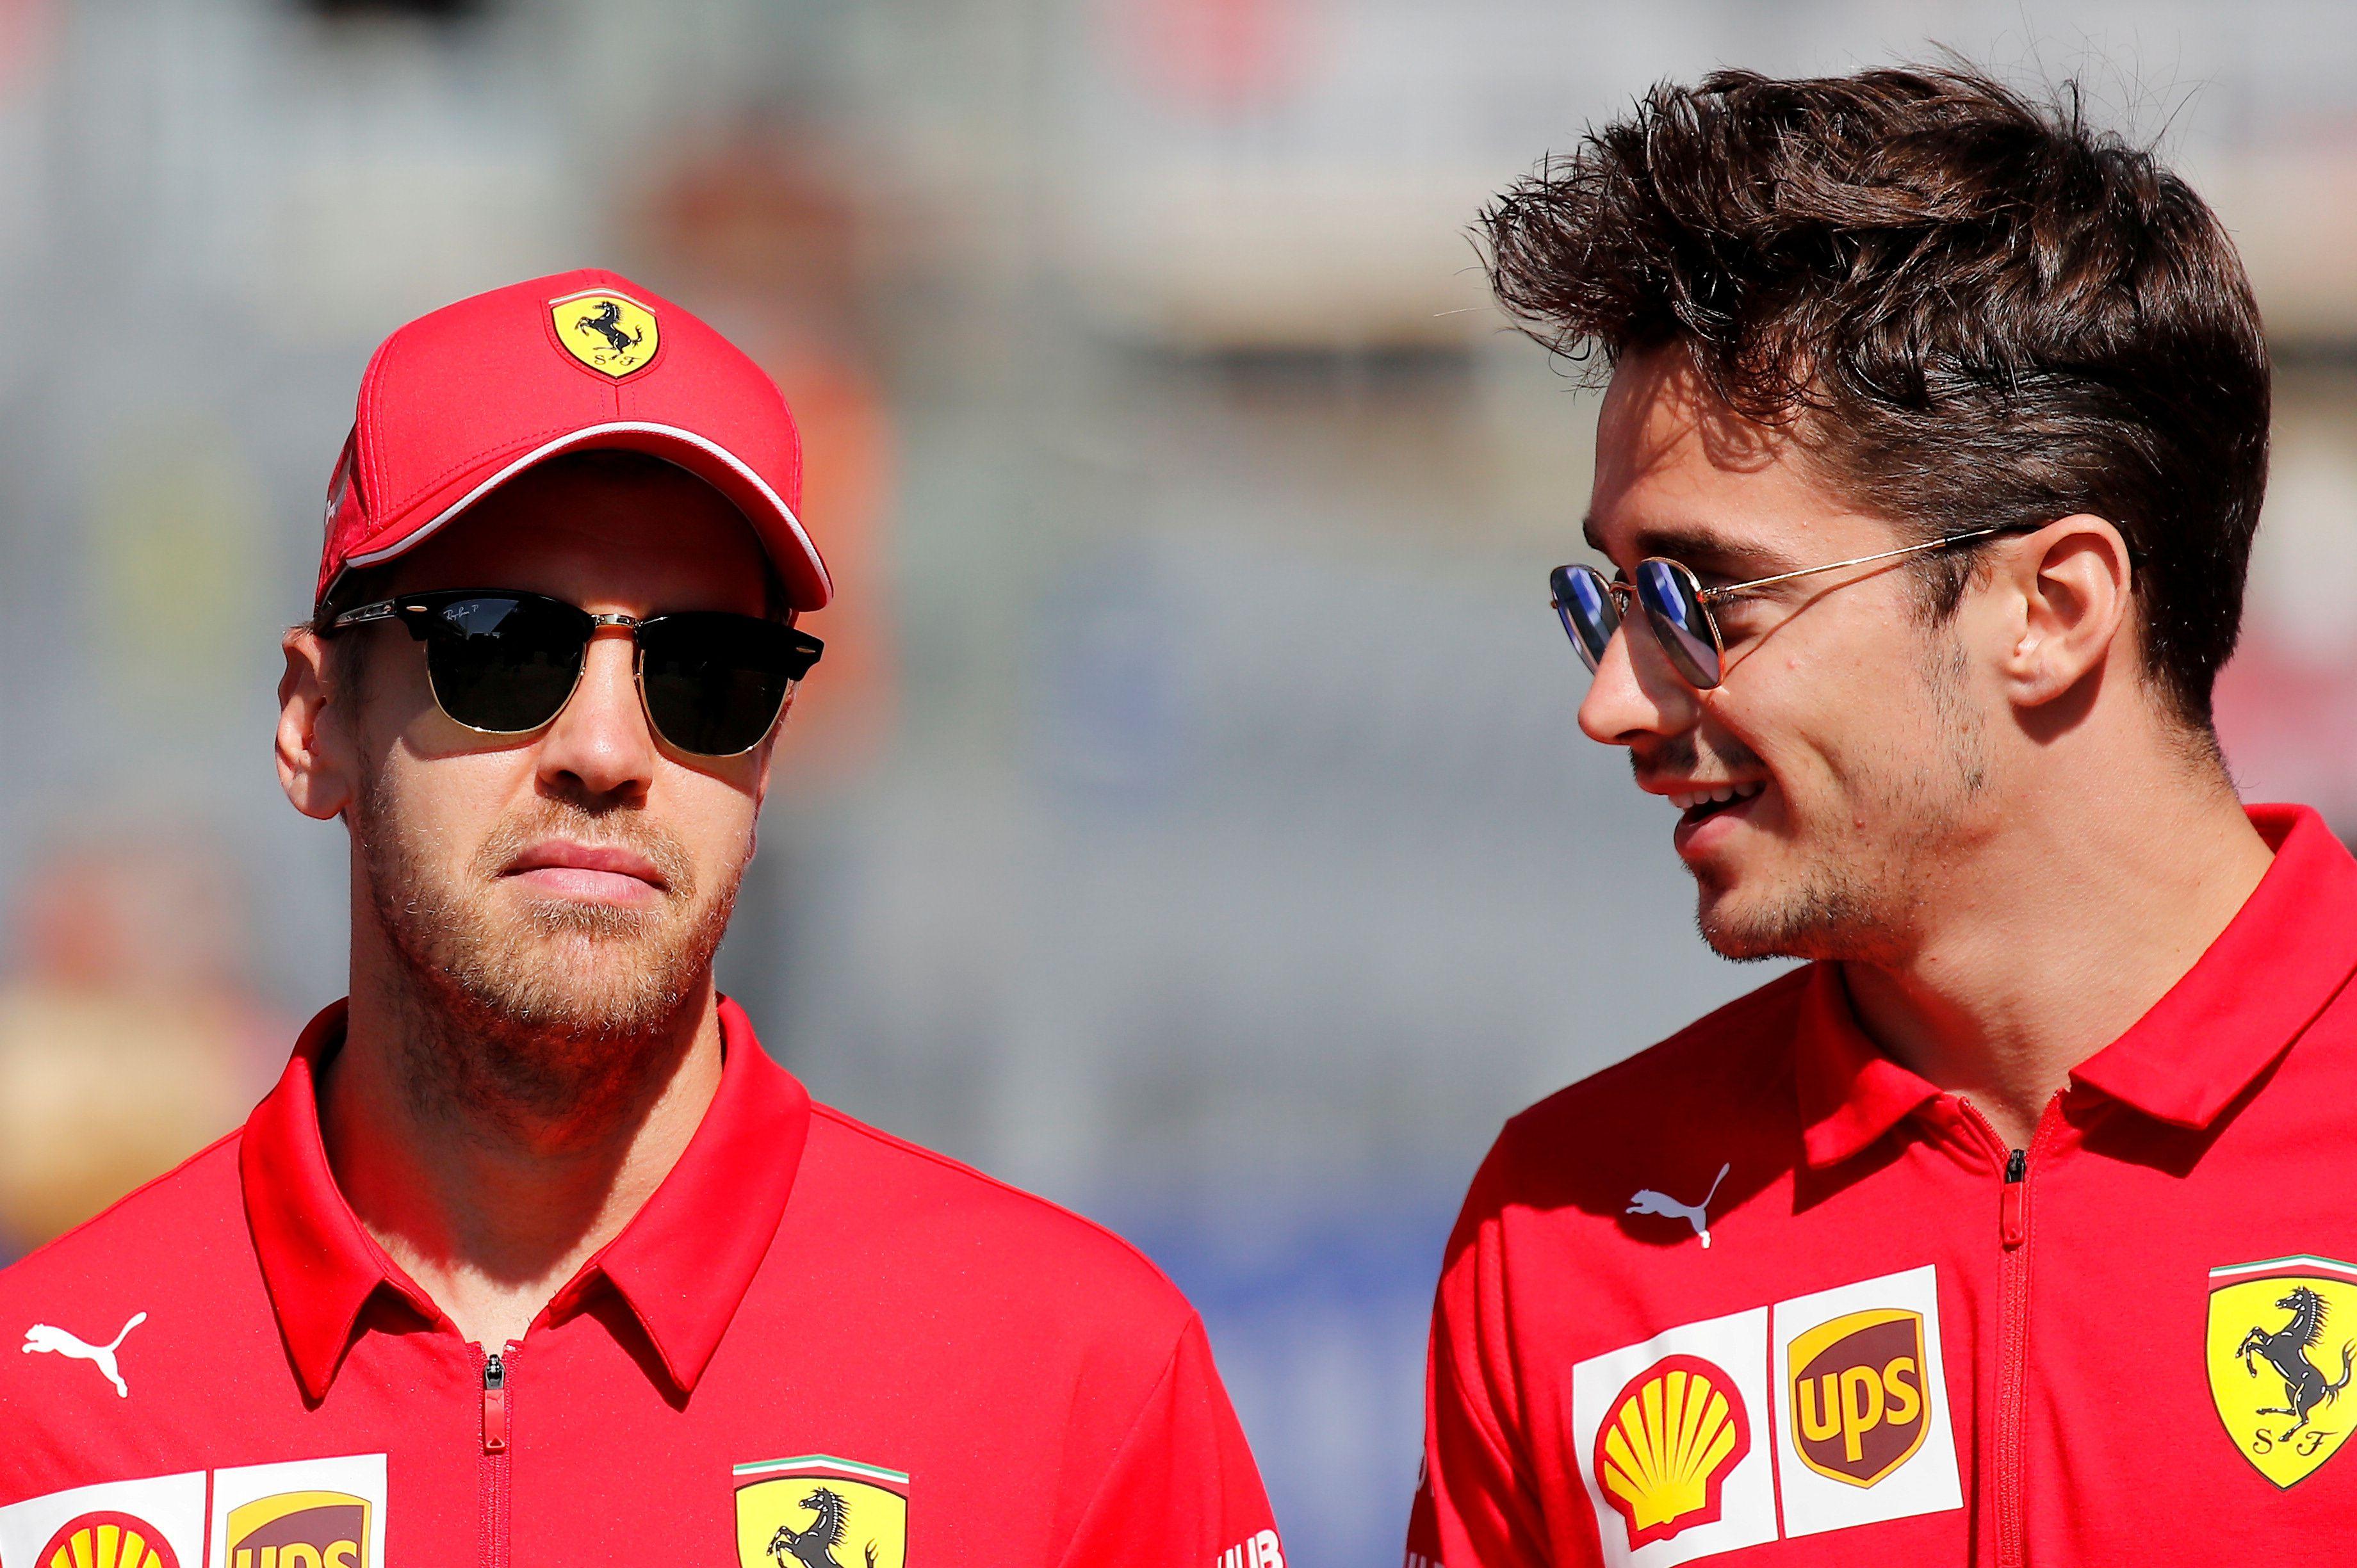 Leclerc y Vettel serán compañeros por último año: el español Carlos Sainz Jr. reemplazará al alemán en 2021 (Foto: Reuters)